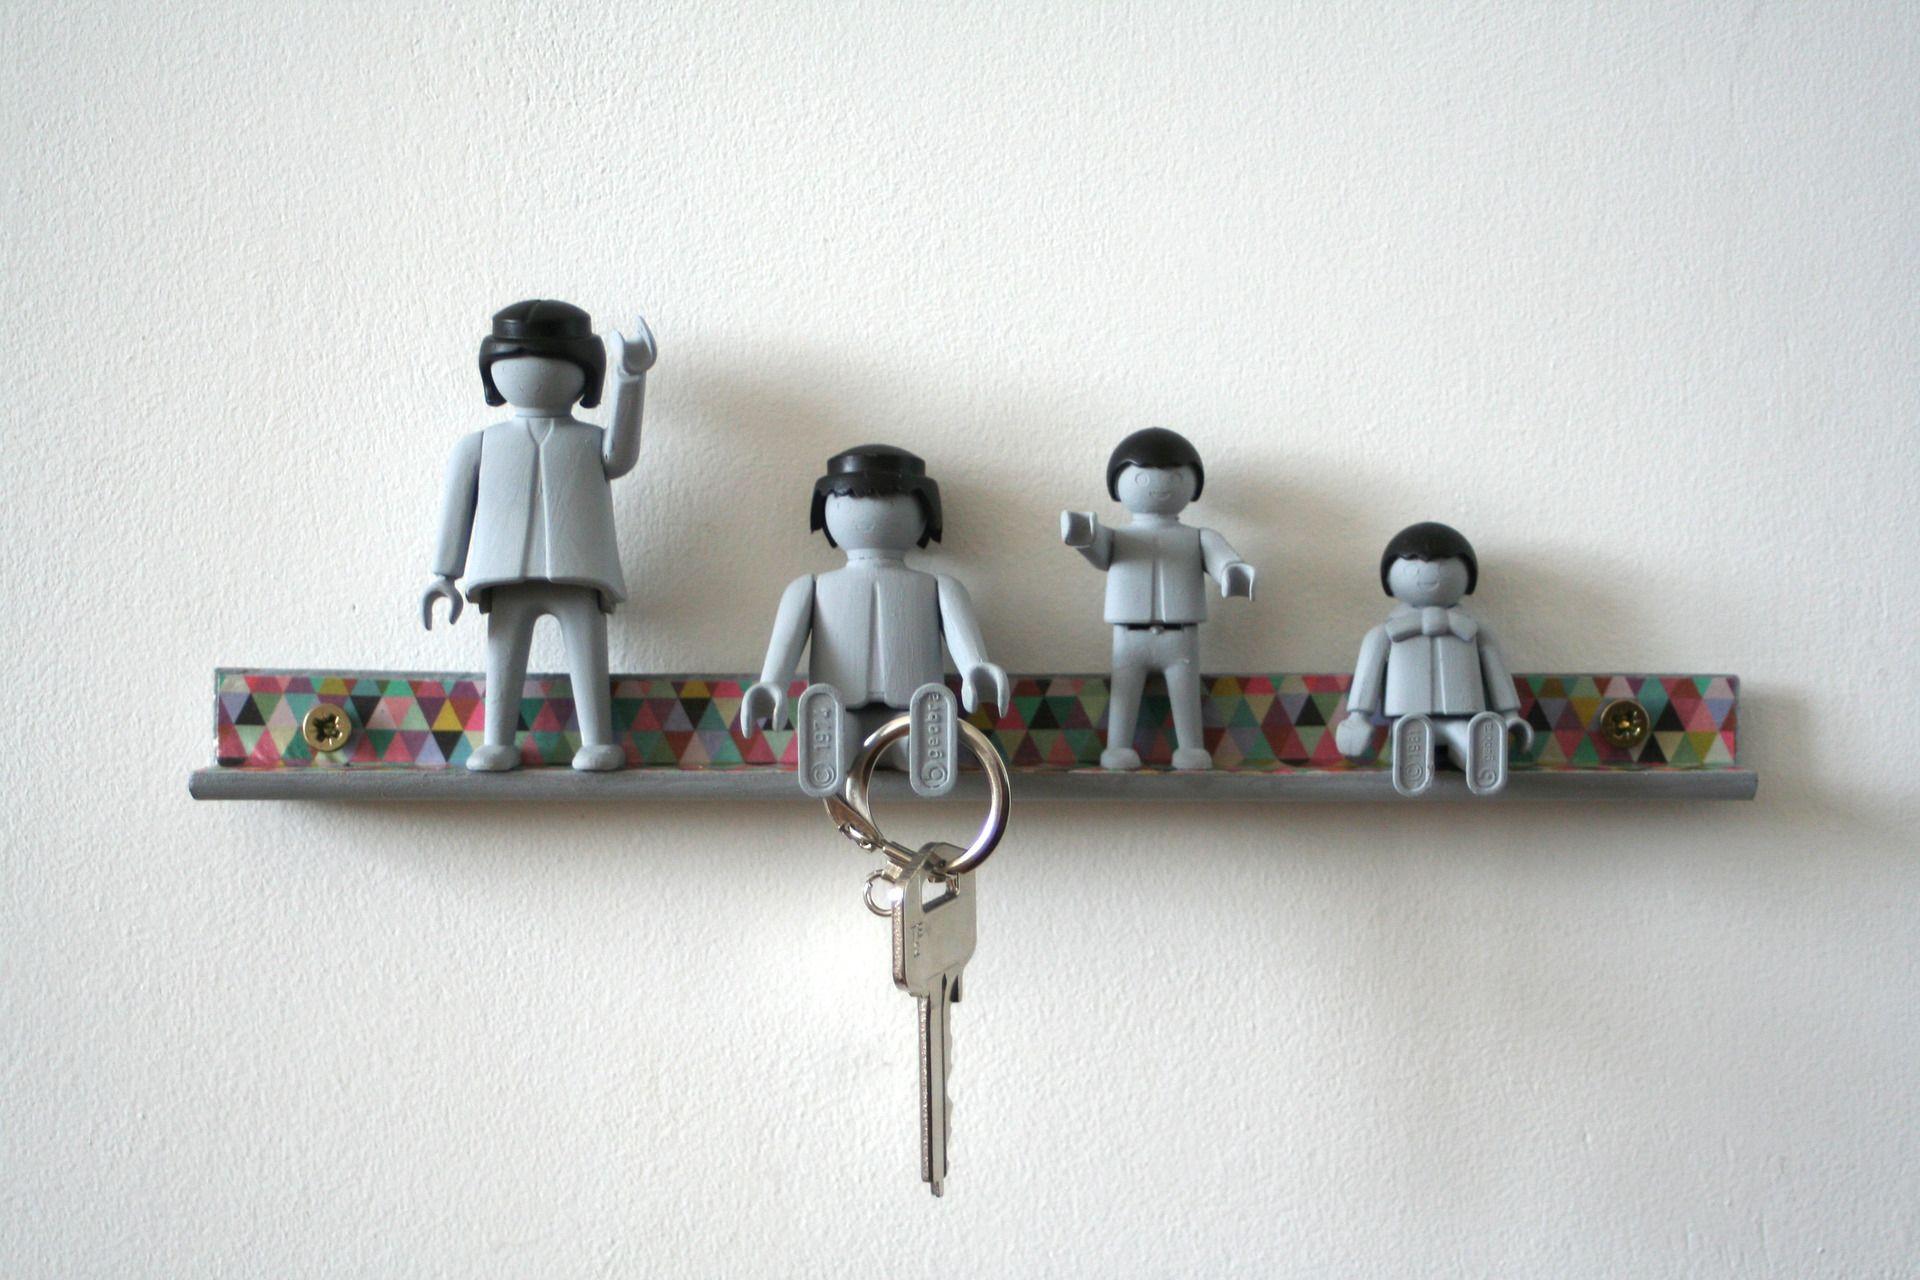 Accroche-clés figurines vintage pour décorer son entrée ! : Décorations murales par les ...